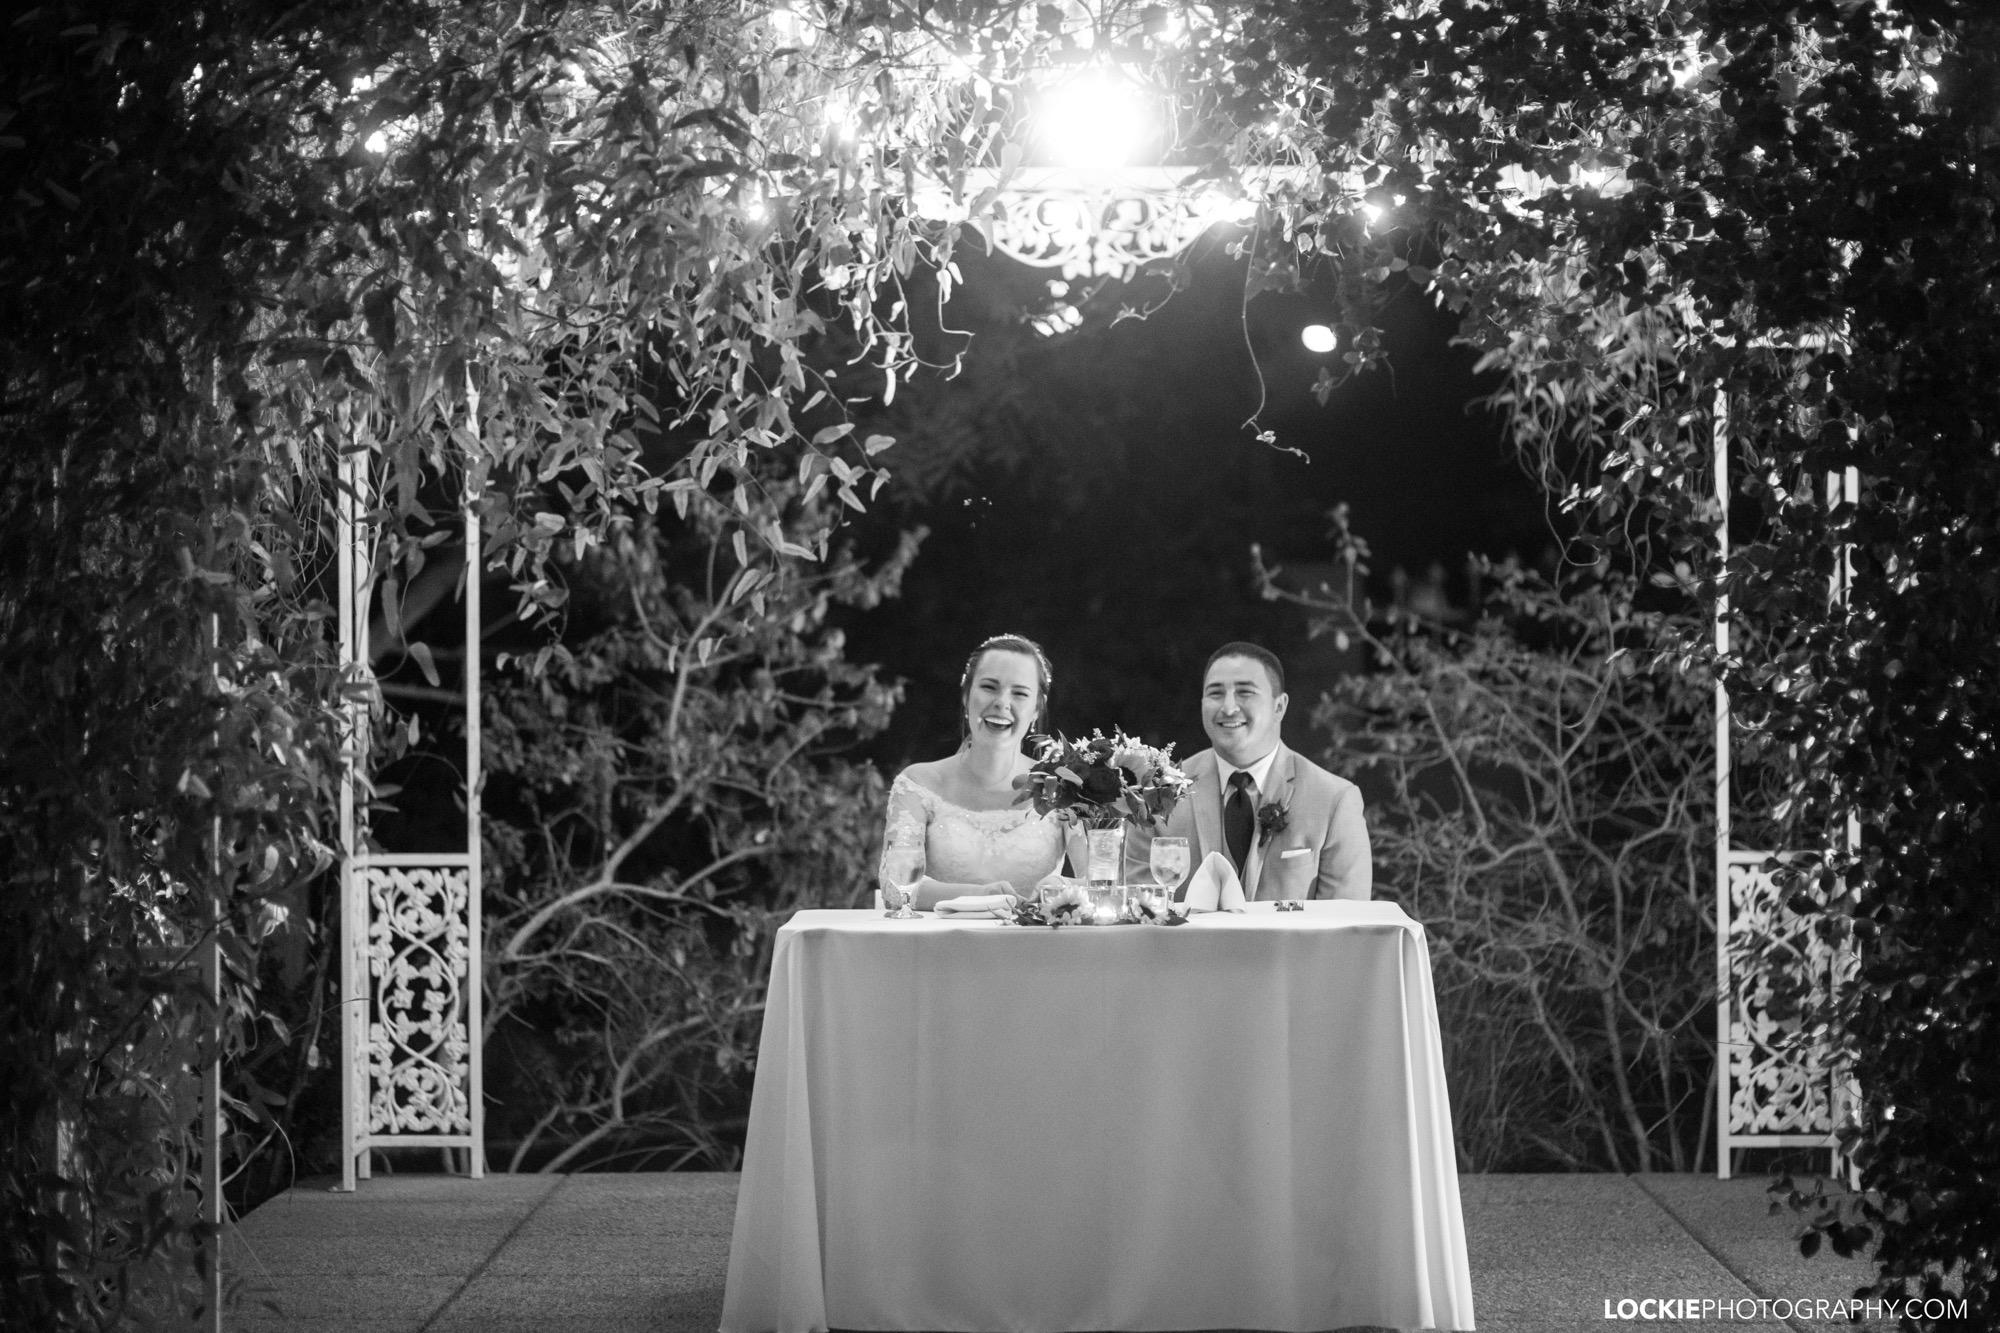 2017-10-05-Dalton  Kelsie-Married-0588-2.jpg